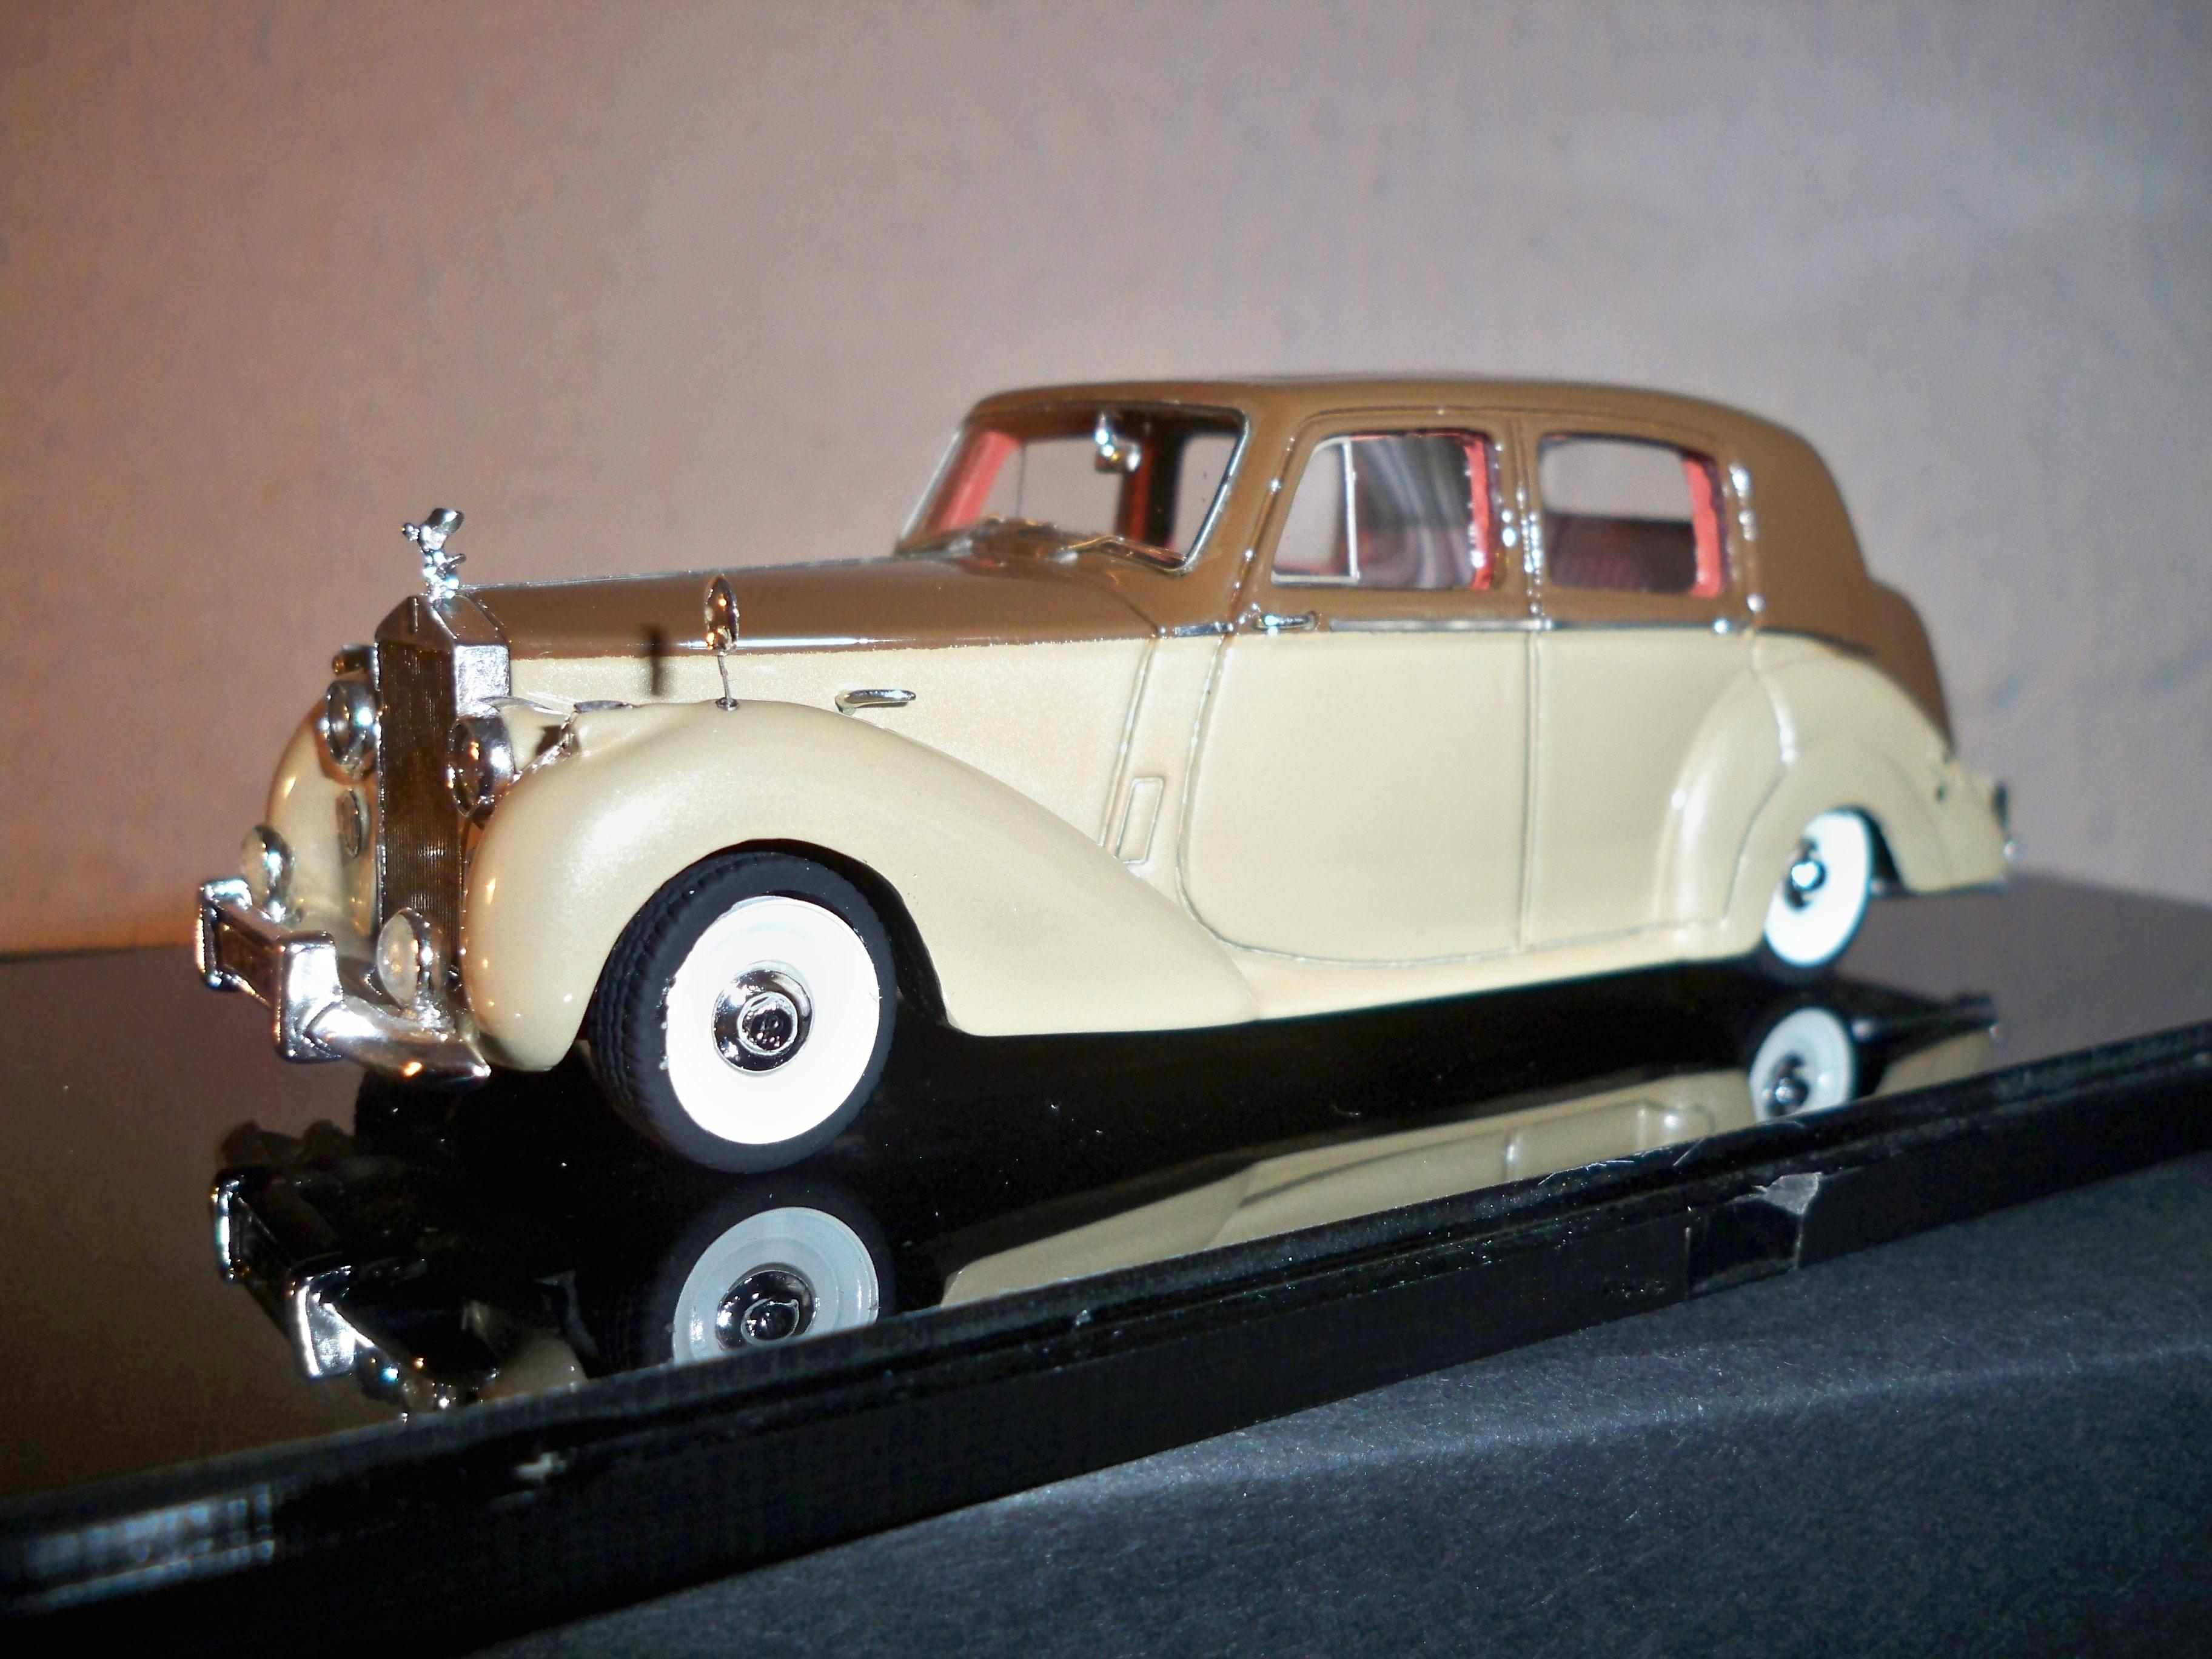 1951 rolls royce silver dawn model cars